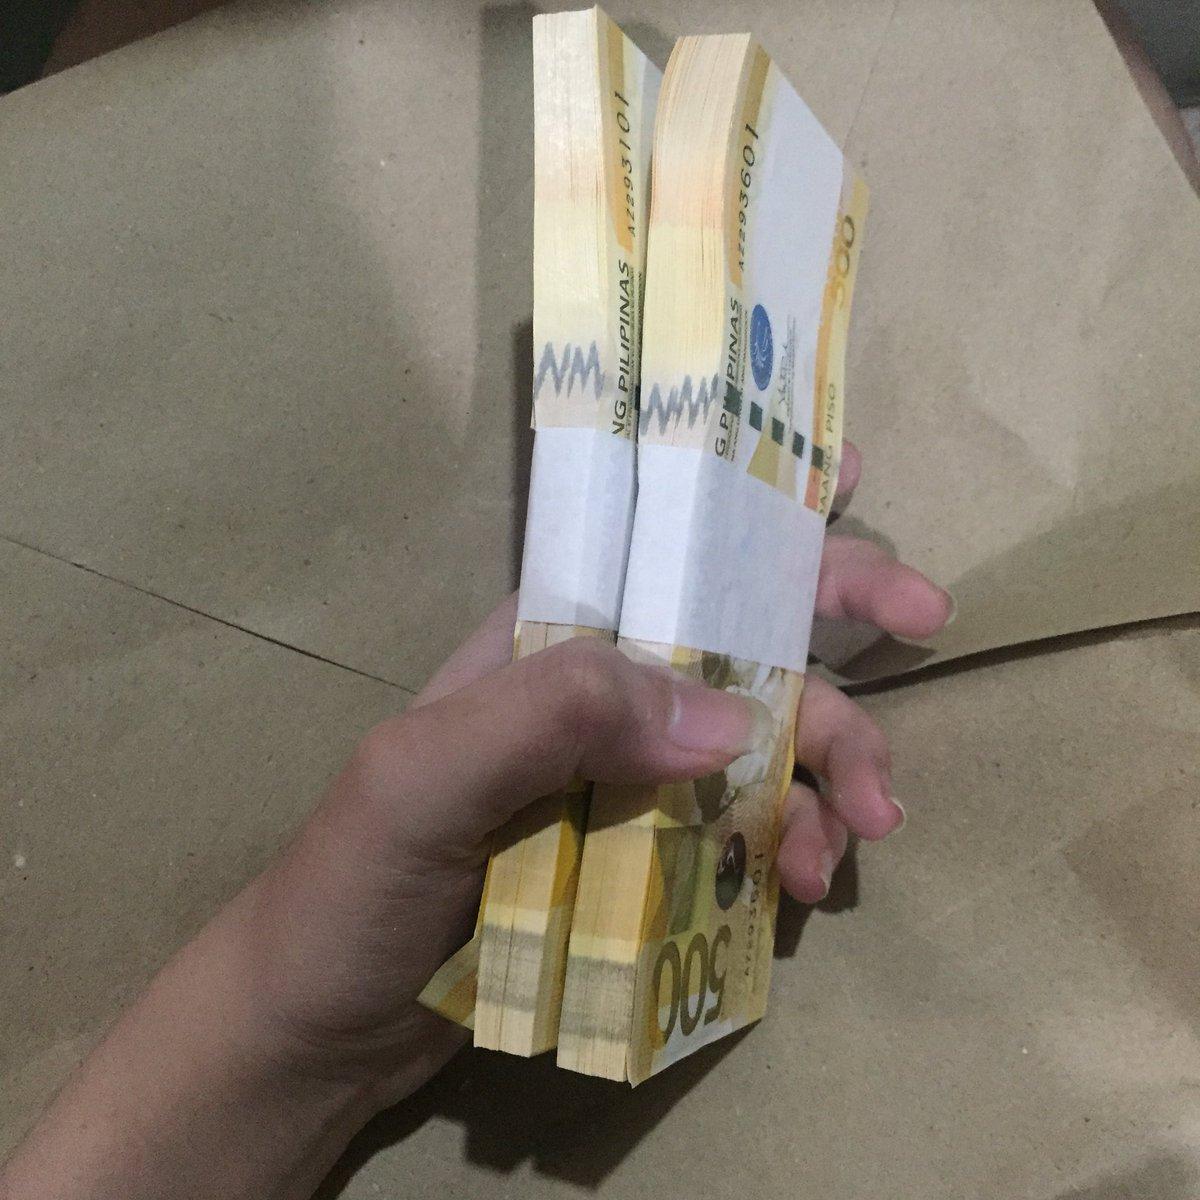 RT @tolenadaangela: rt these lucky 500 pesos para sagana sa  pera ang iyong pasko https://t.co/2IP29Erjqp